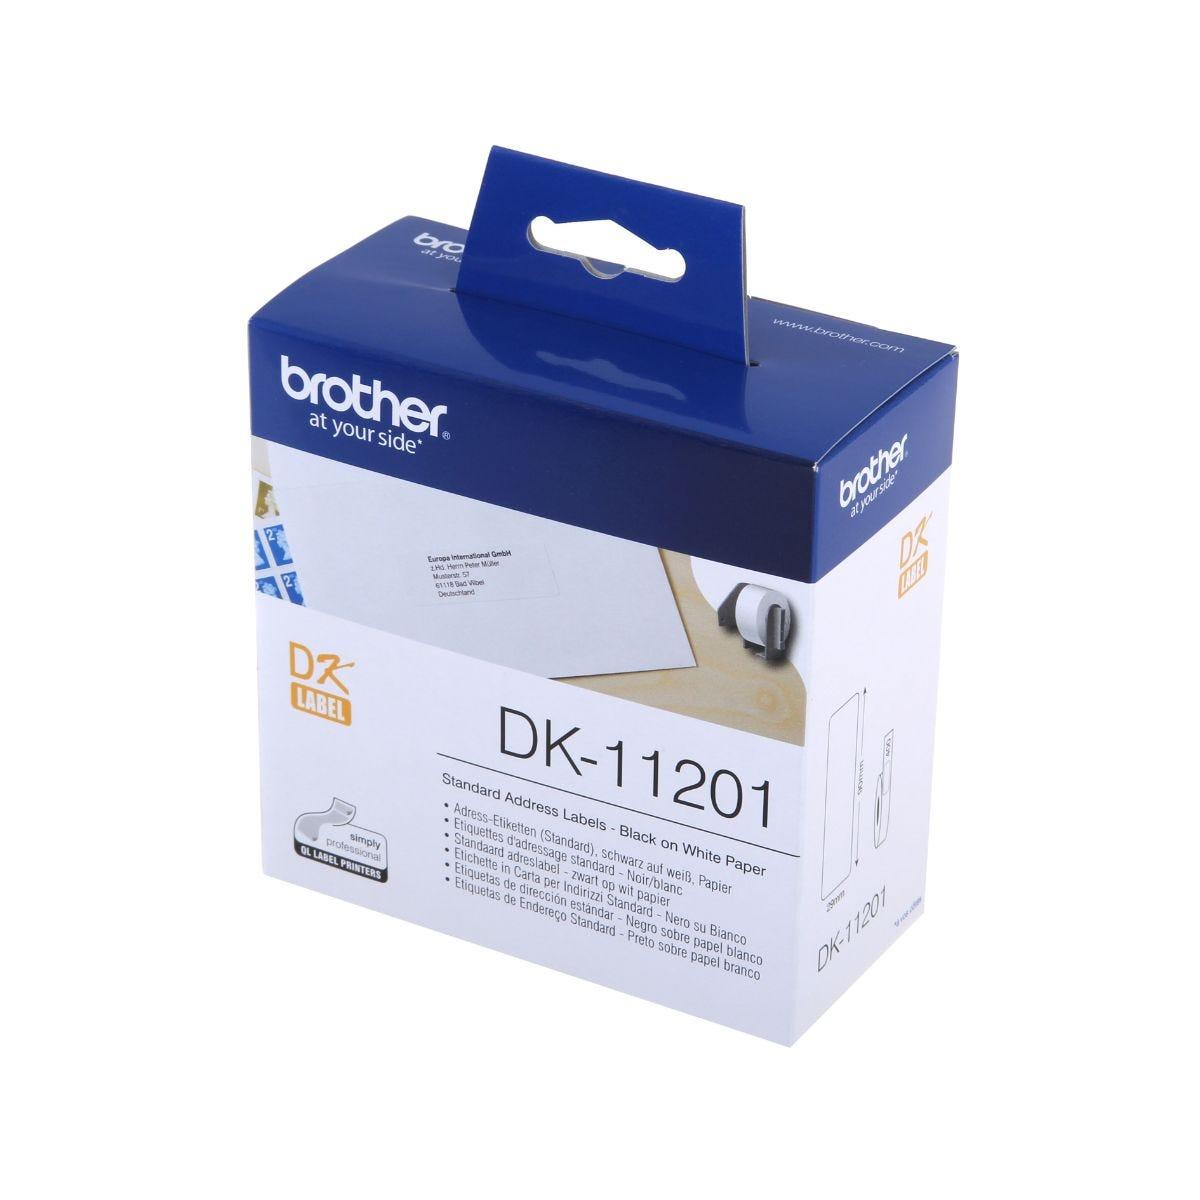 Brother Address Labels QL Labeller Rolls DK-11201, Std Address